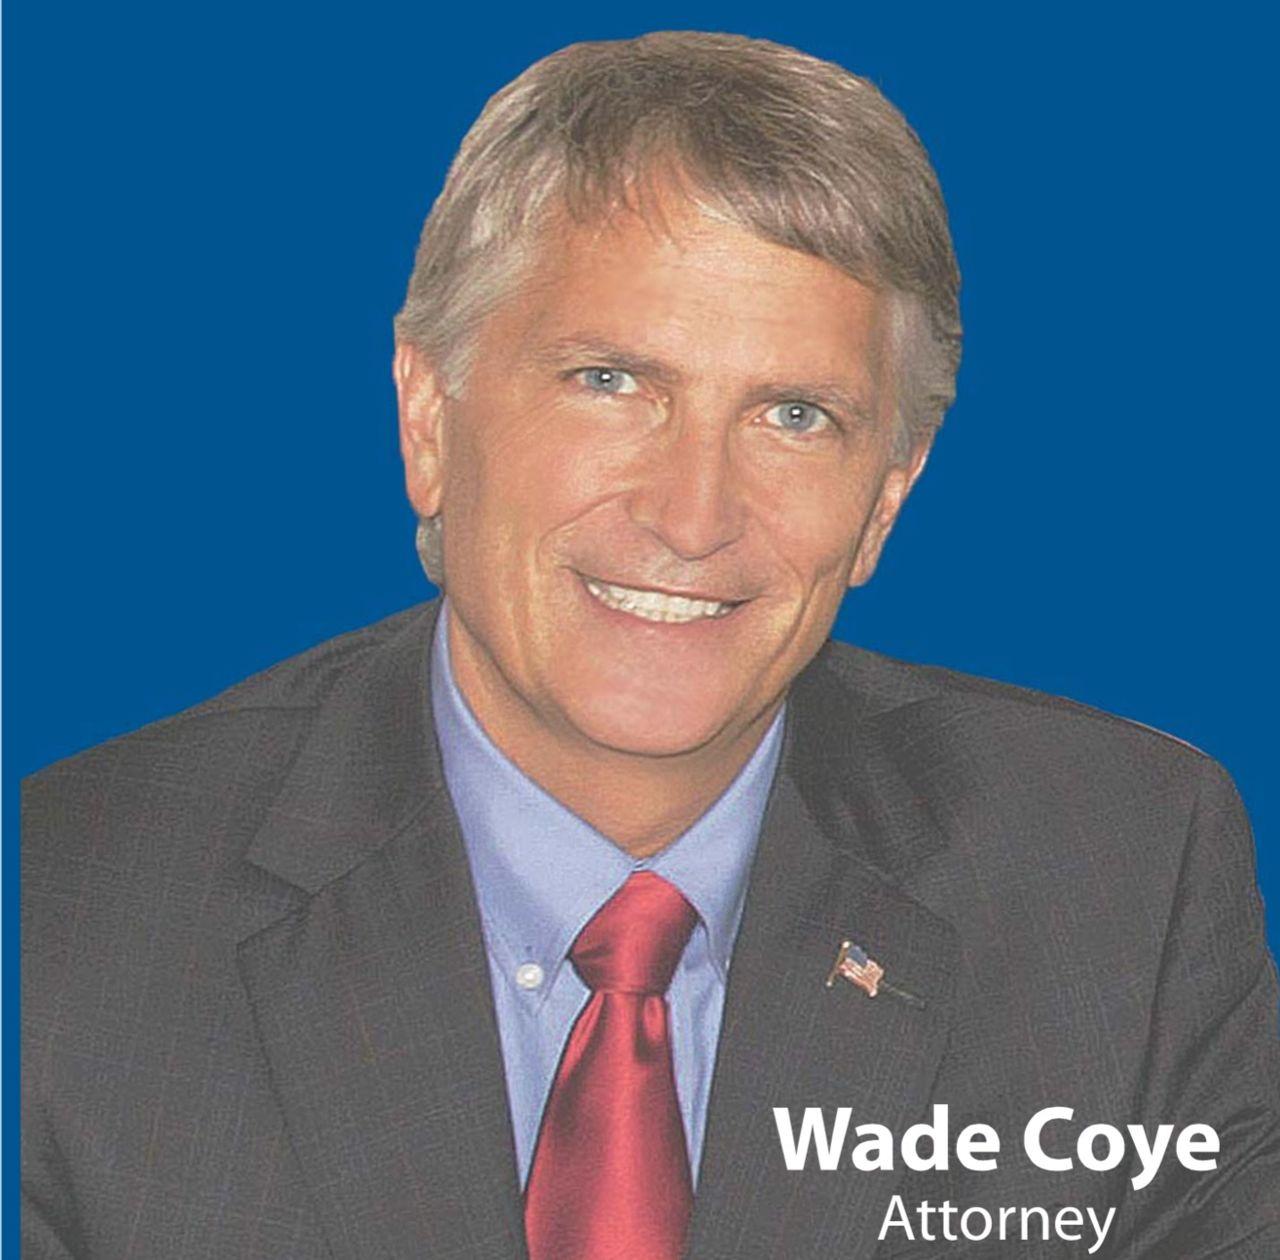 Wade Coye